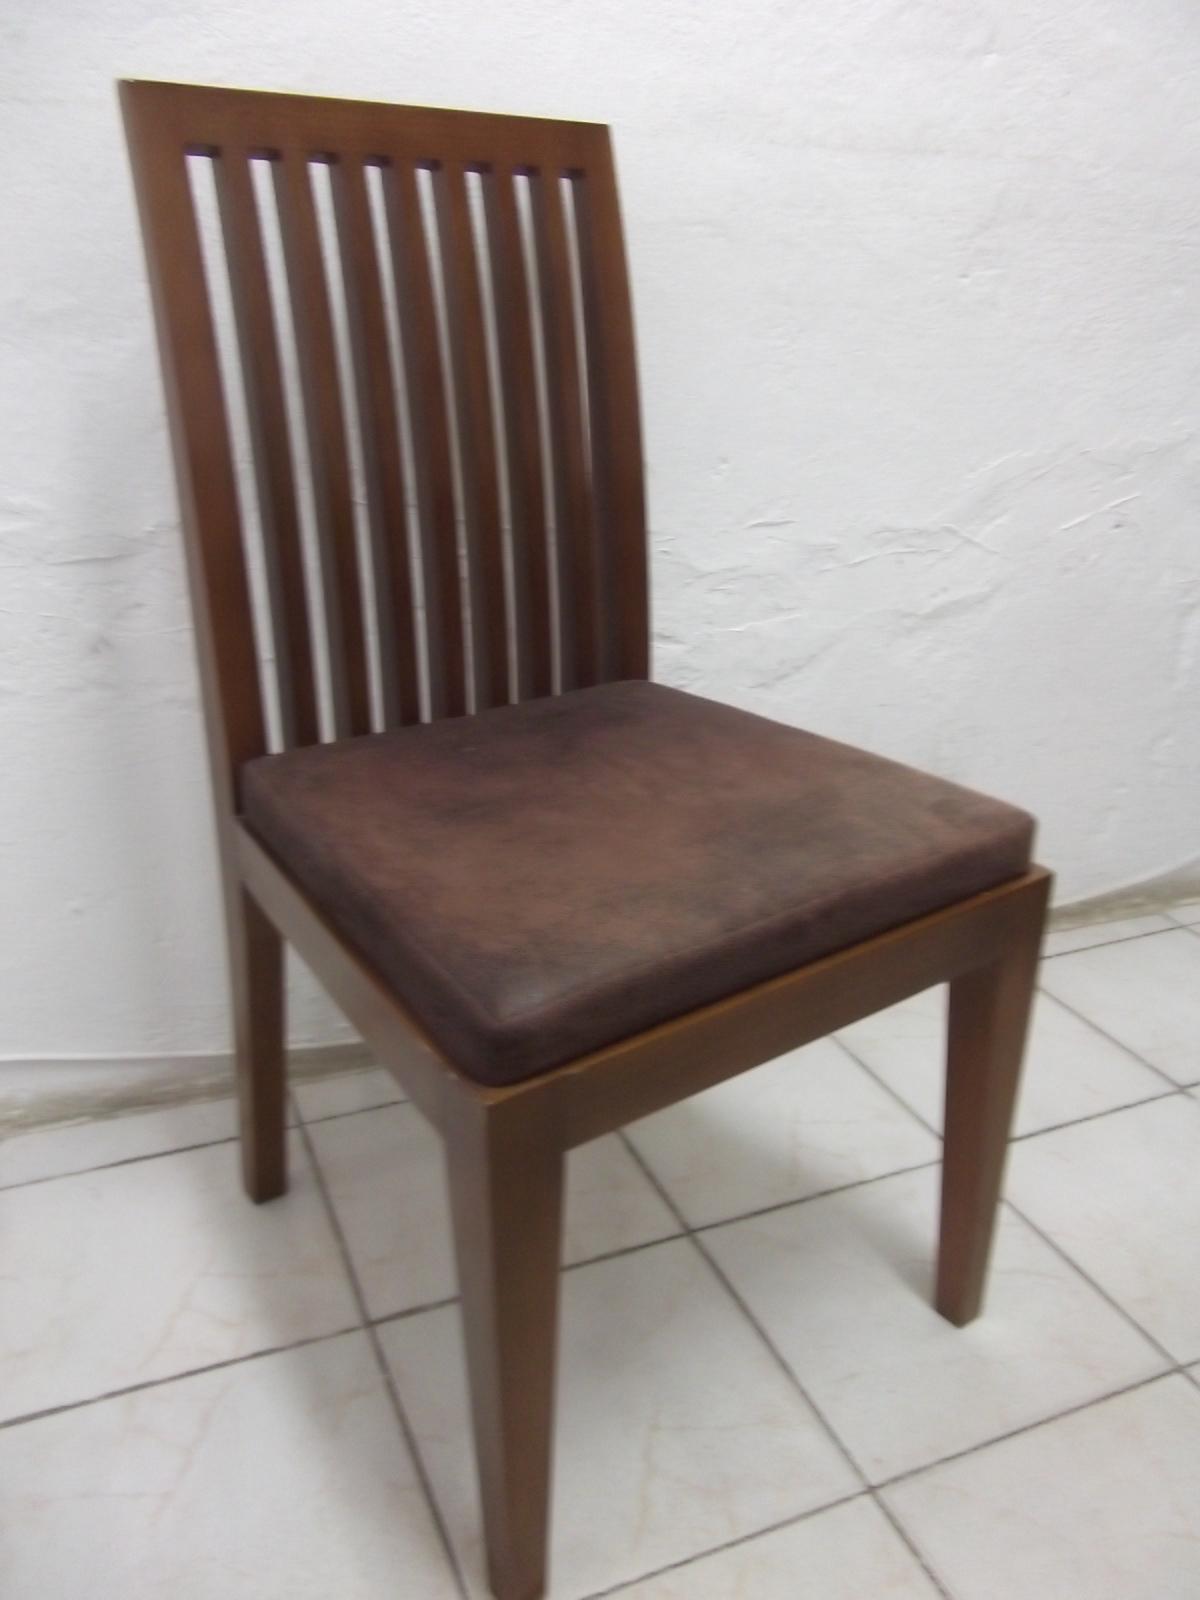 Blog Decoração de Interiores: Cadeira Sala de Jantar SP #432F28 1200x1600